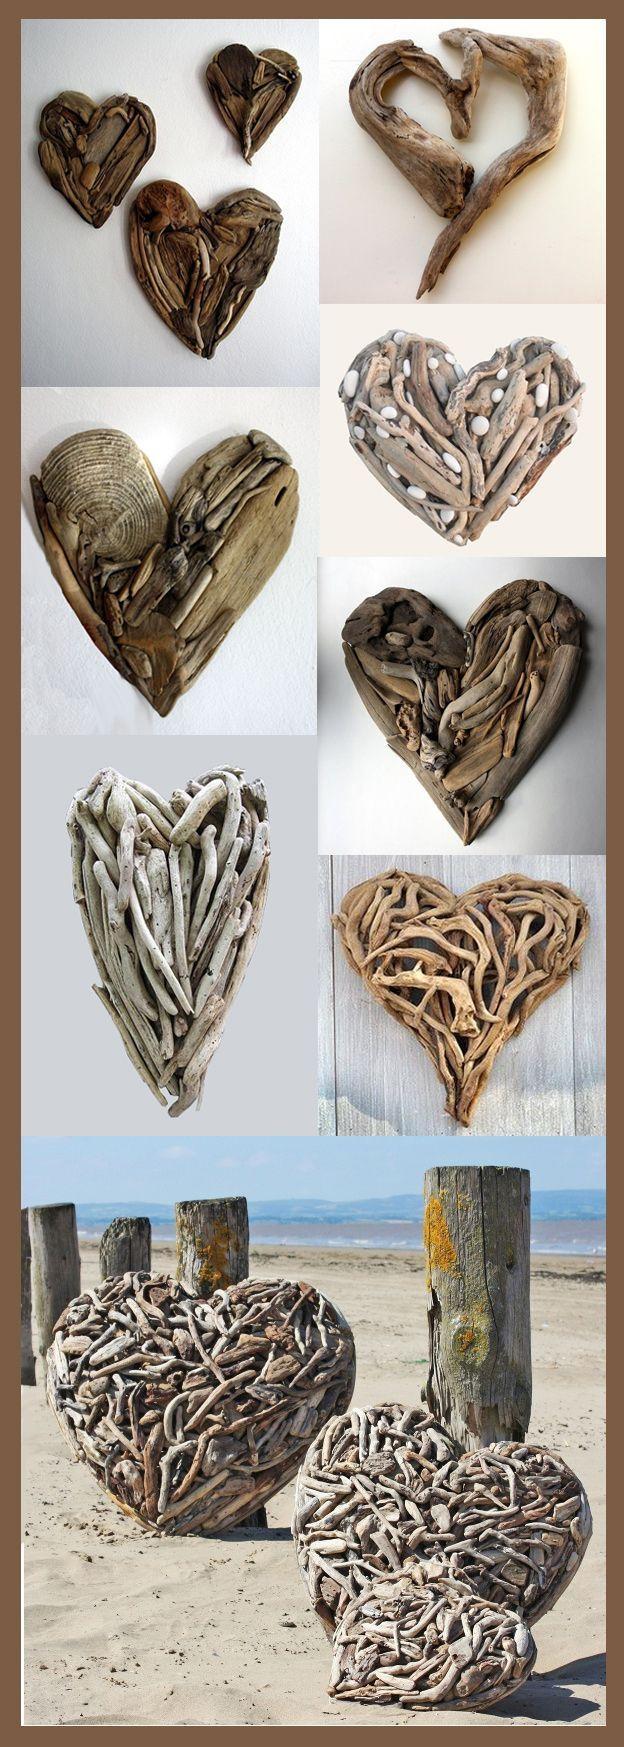 25+ Best Driftwood Art Ideas On Pinterest | Driftwood Crafts Intended For Driftwood Heart Wall Art (Image 1 of 20)